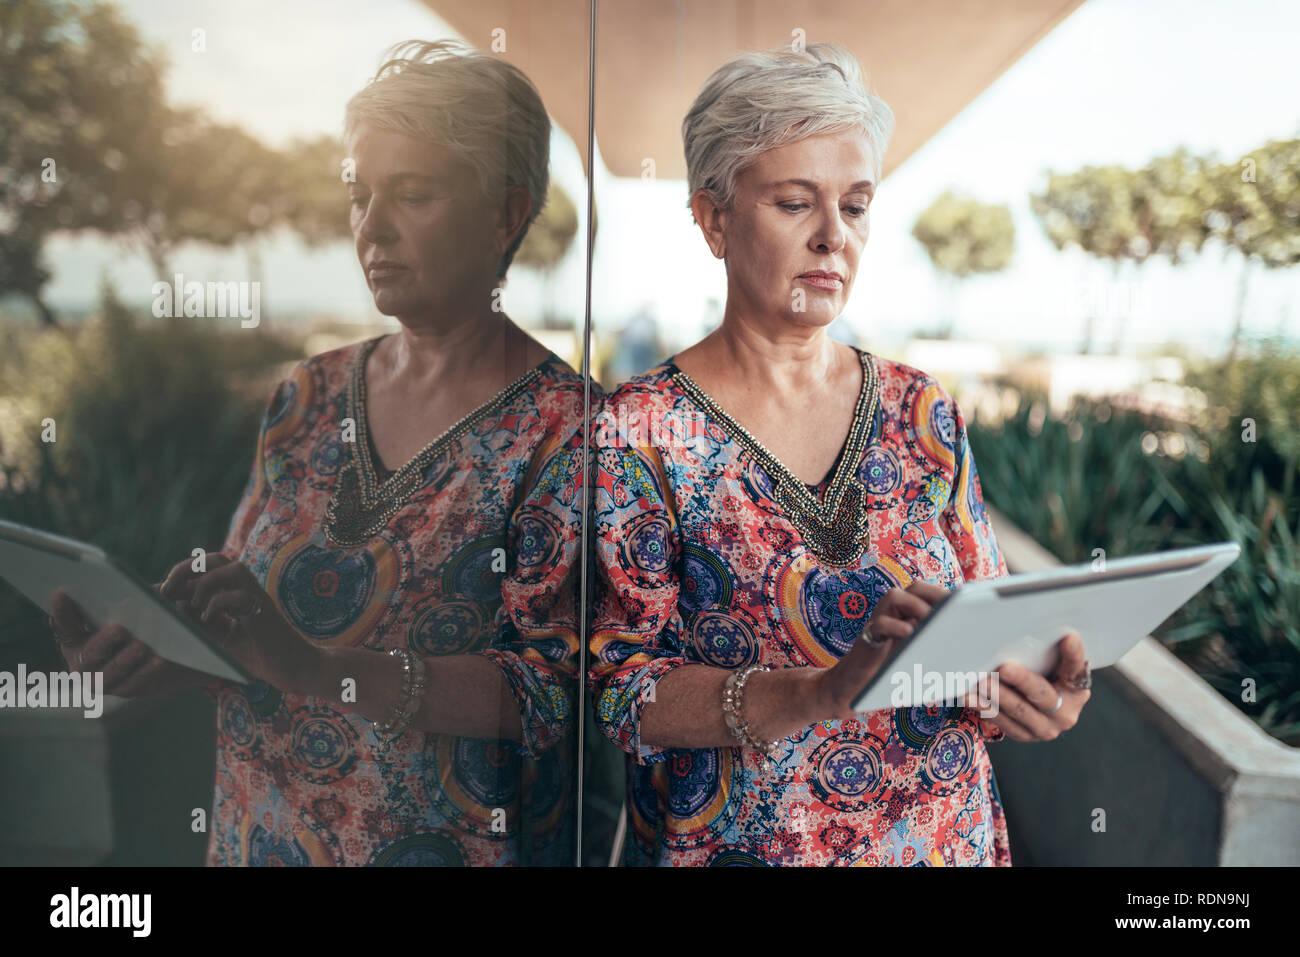 Ritratto di un bellissimo pelo grigio donna di mezza età lavorando su tavoletta digitale Foto Stock